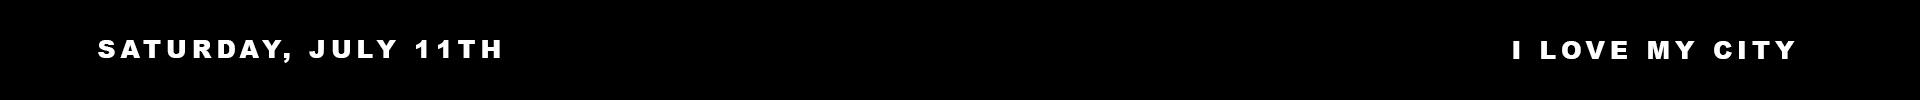 Web Date copy